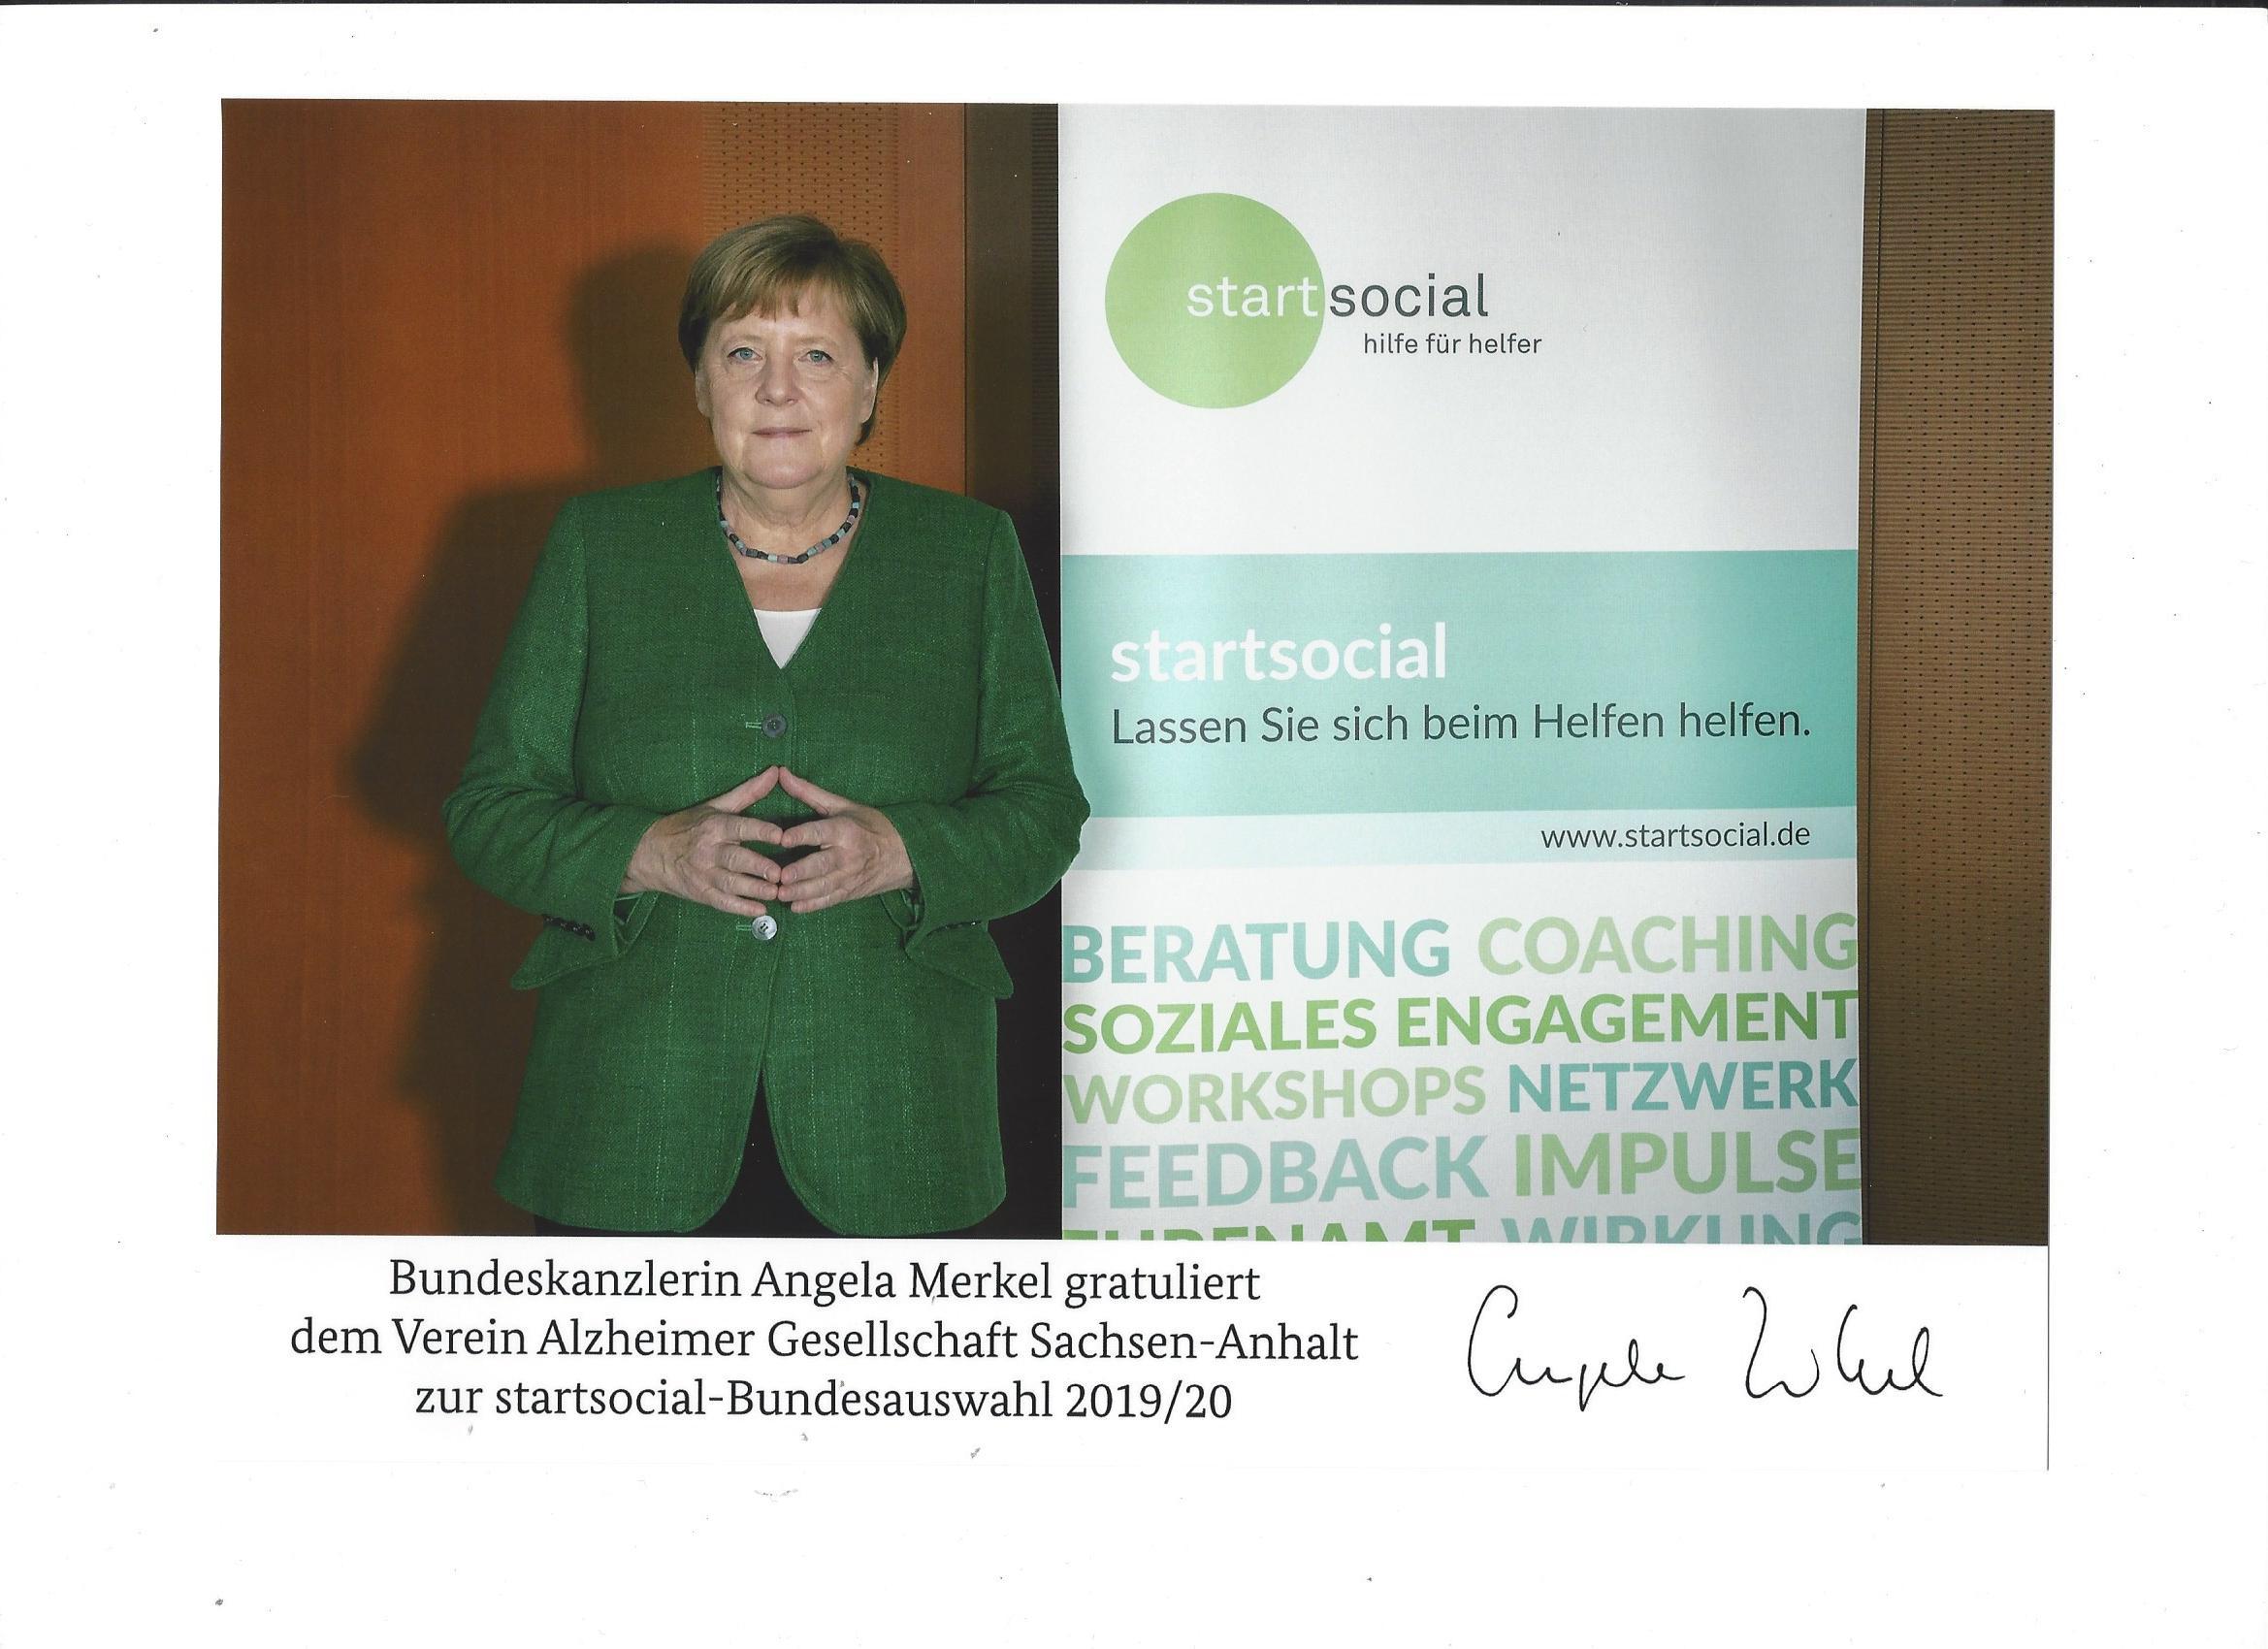 Bild_Angela_Merkel